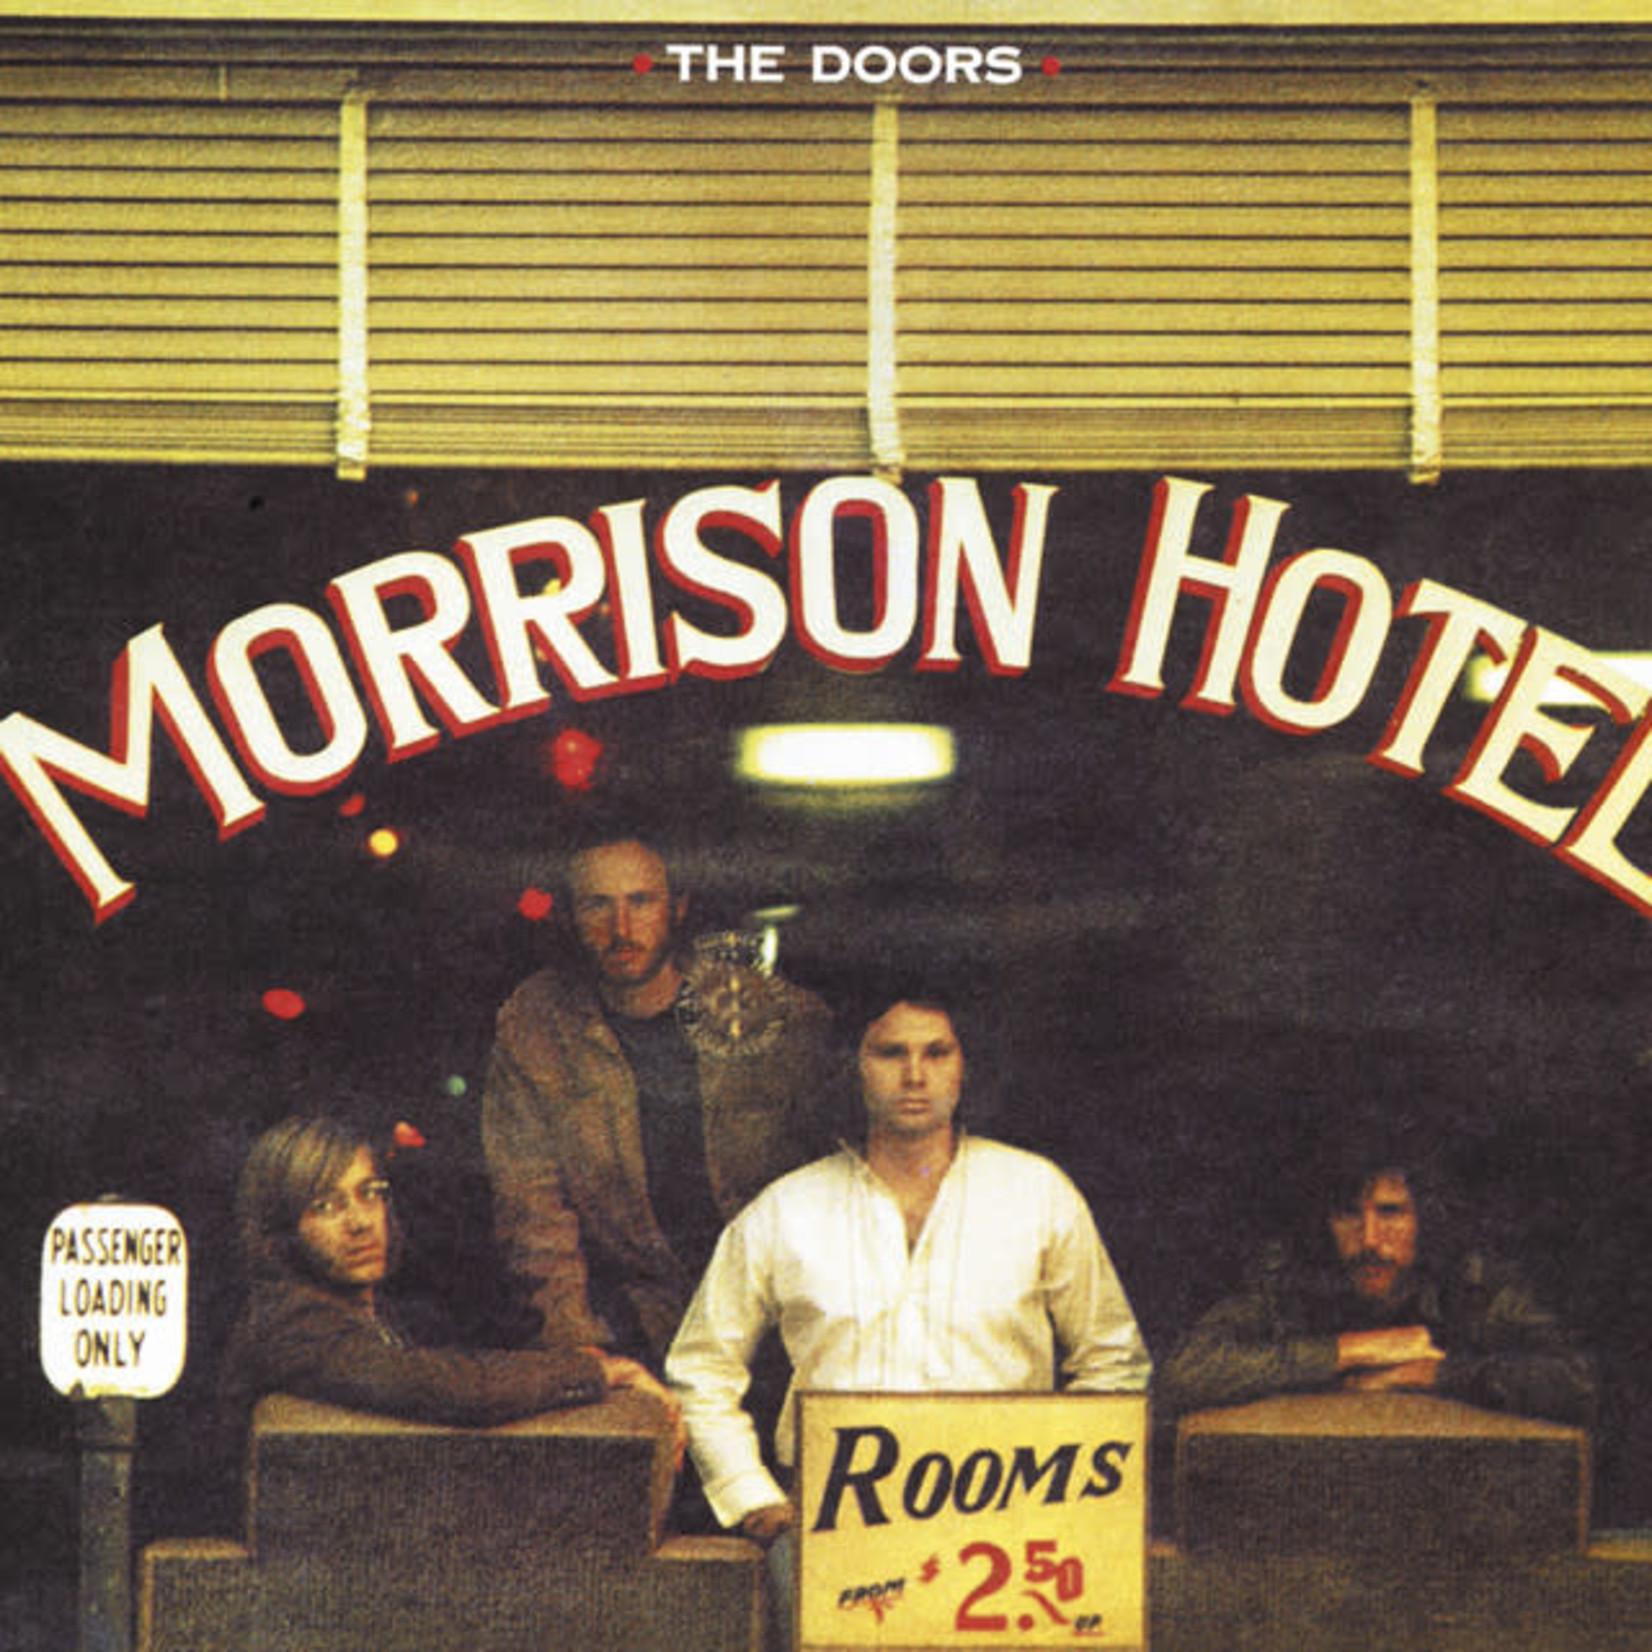 Vinyl The Doors - Morrison Hotel